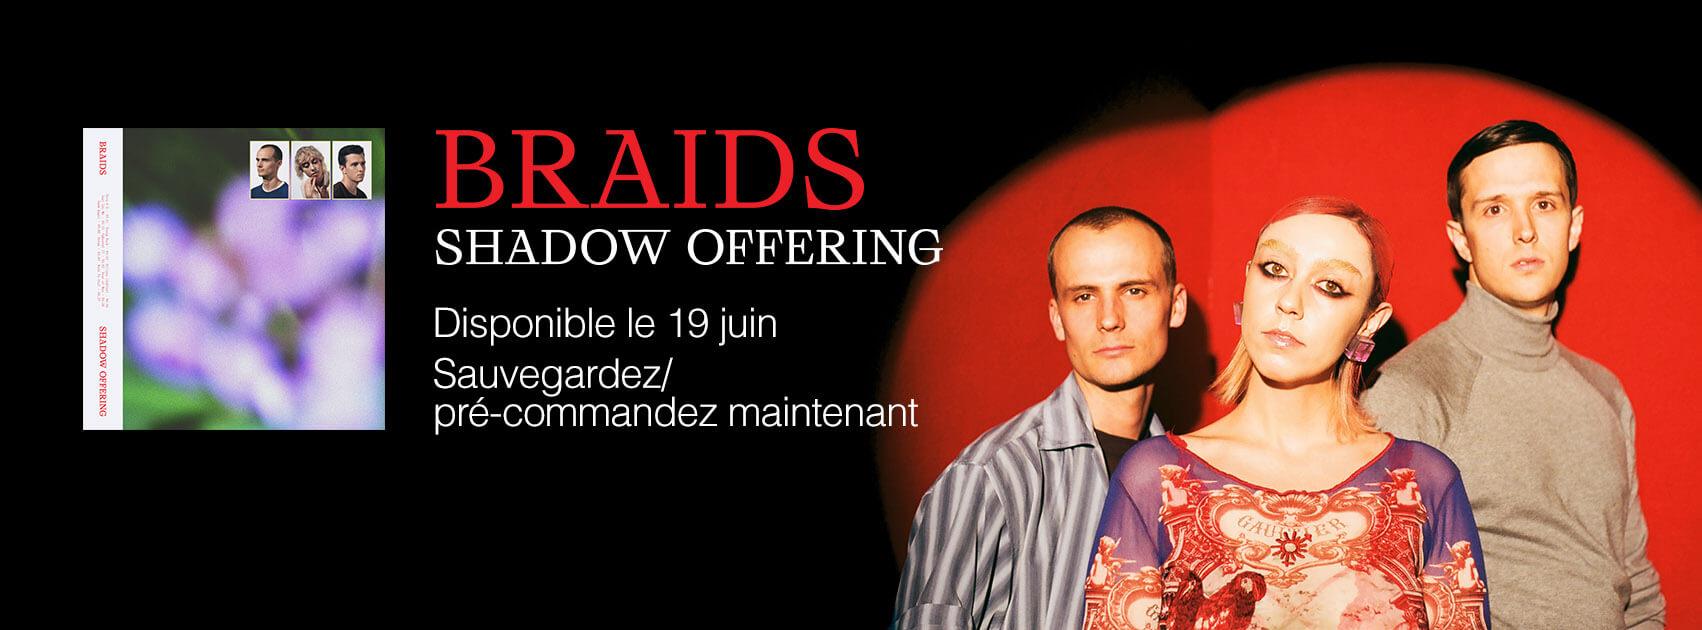 Braids-SCRWebsite-FR[1]